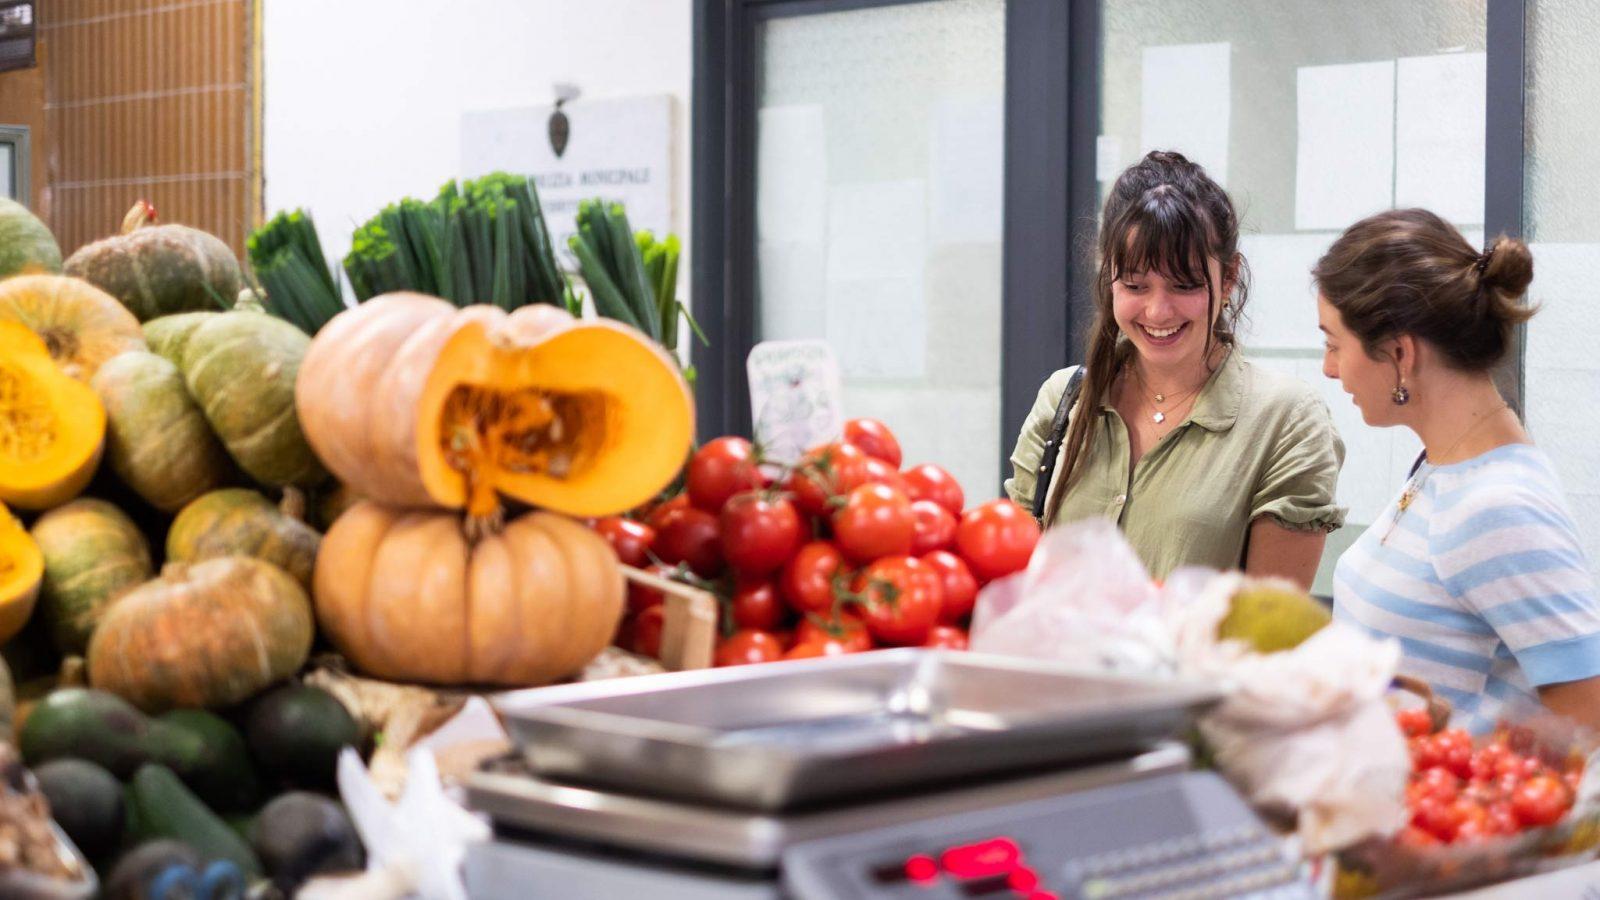 Italienischer Lebensmittelmarkt Florenz